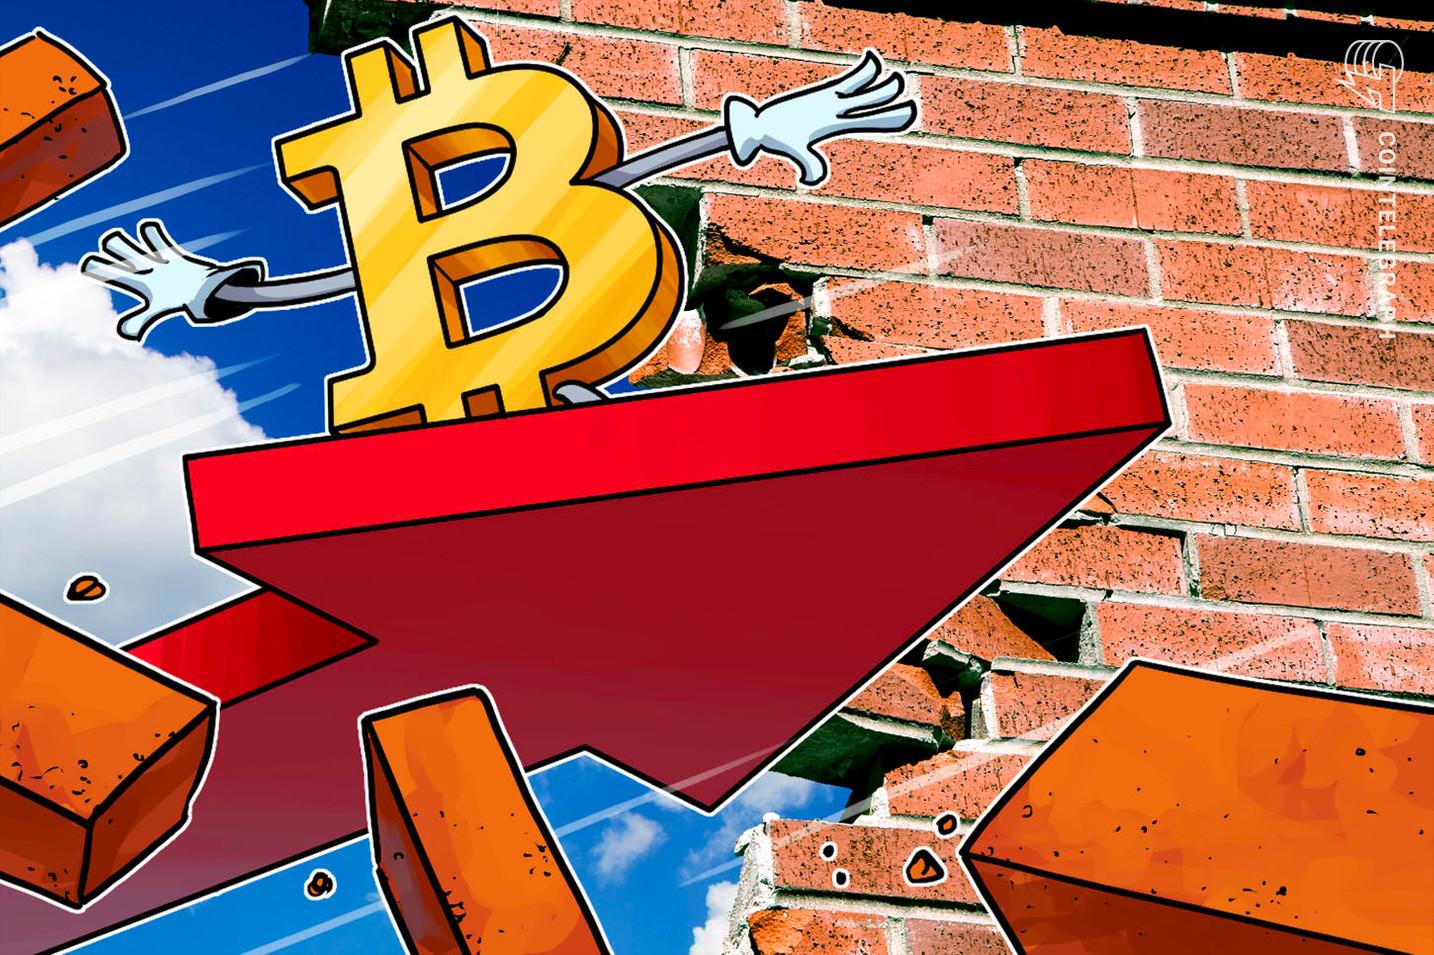 Bitcoin Fiyatı 24 Saat İçinde 1.500 Dolar Çakıldı, Sırada 7.500 Dolar Mı Var?